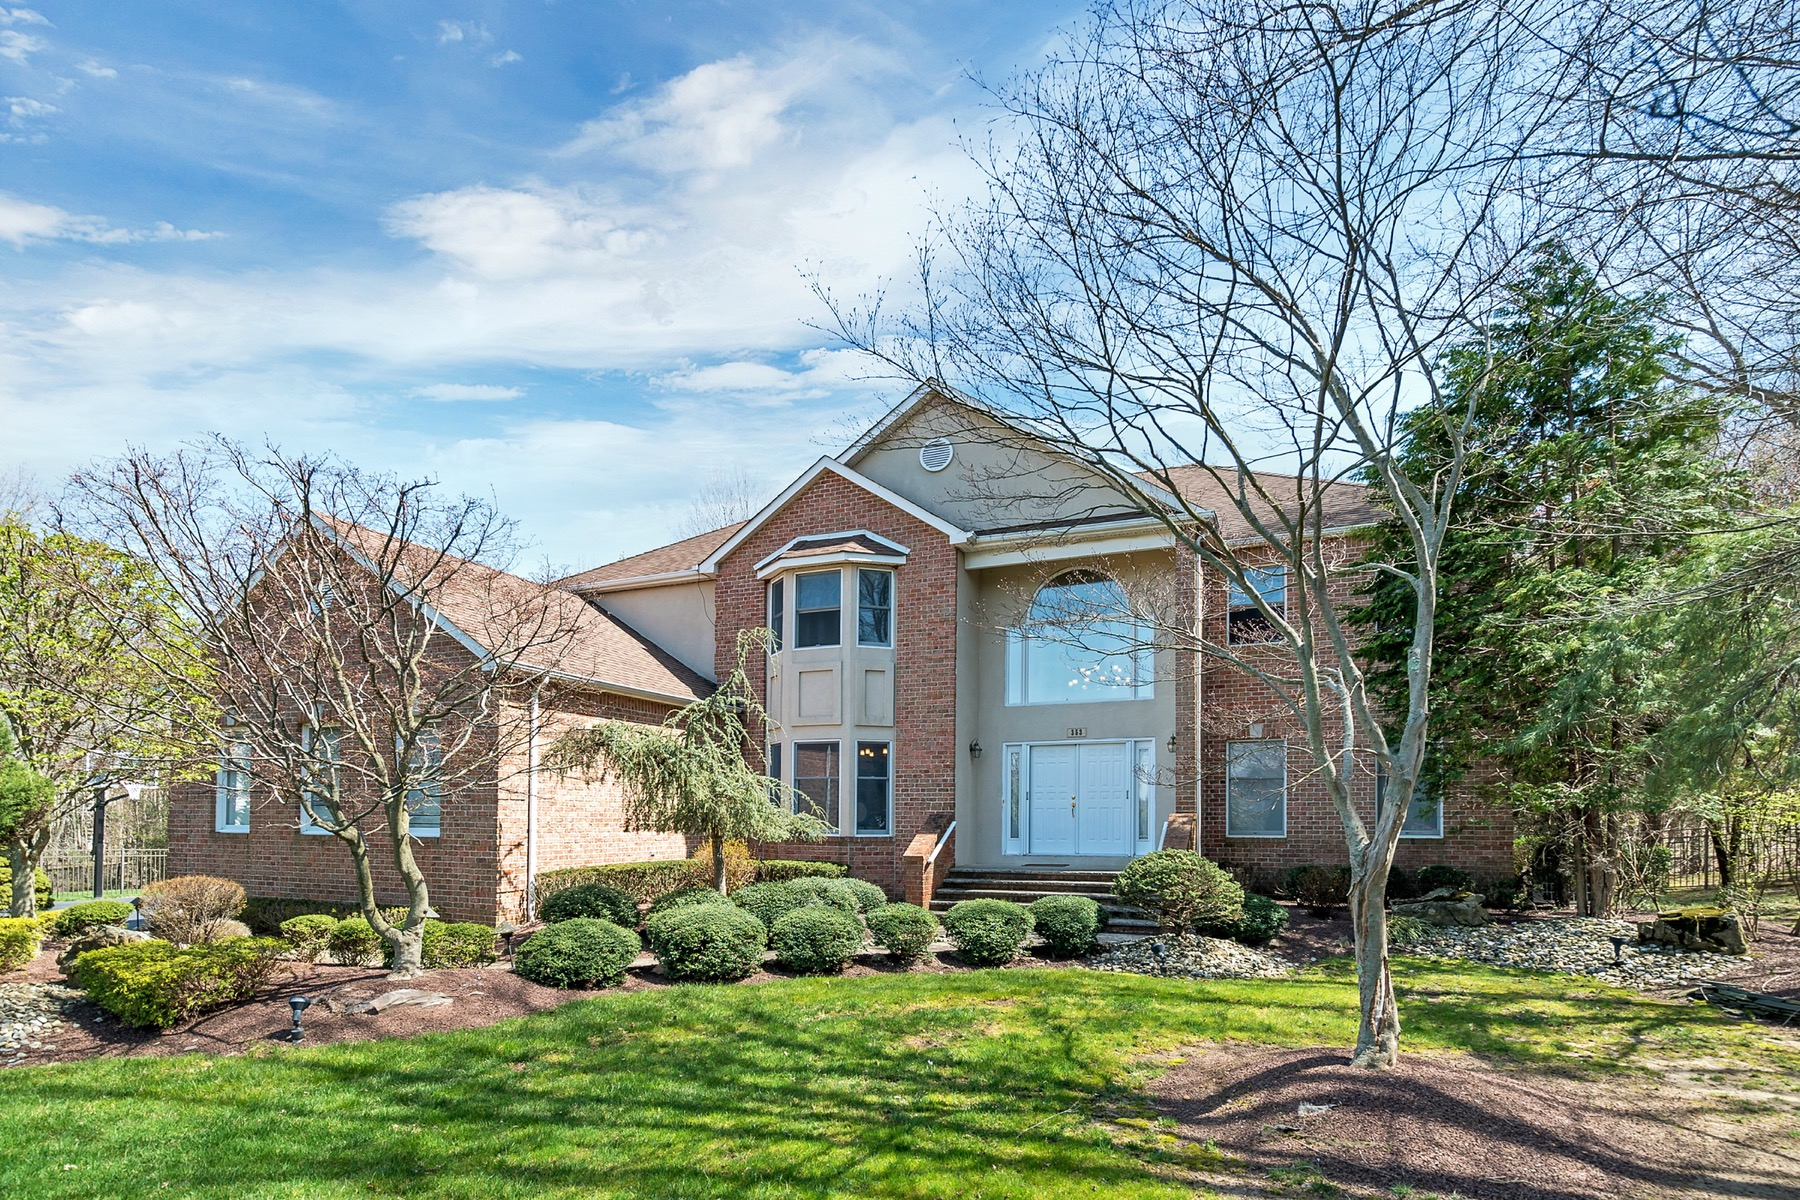 Casa para uma família para Venda às Distinguished Crine Woods 353 Salinger Court Marlboro, Nova Jersey, 07751 Estados Unidos